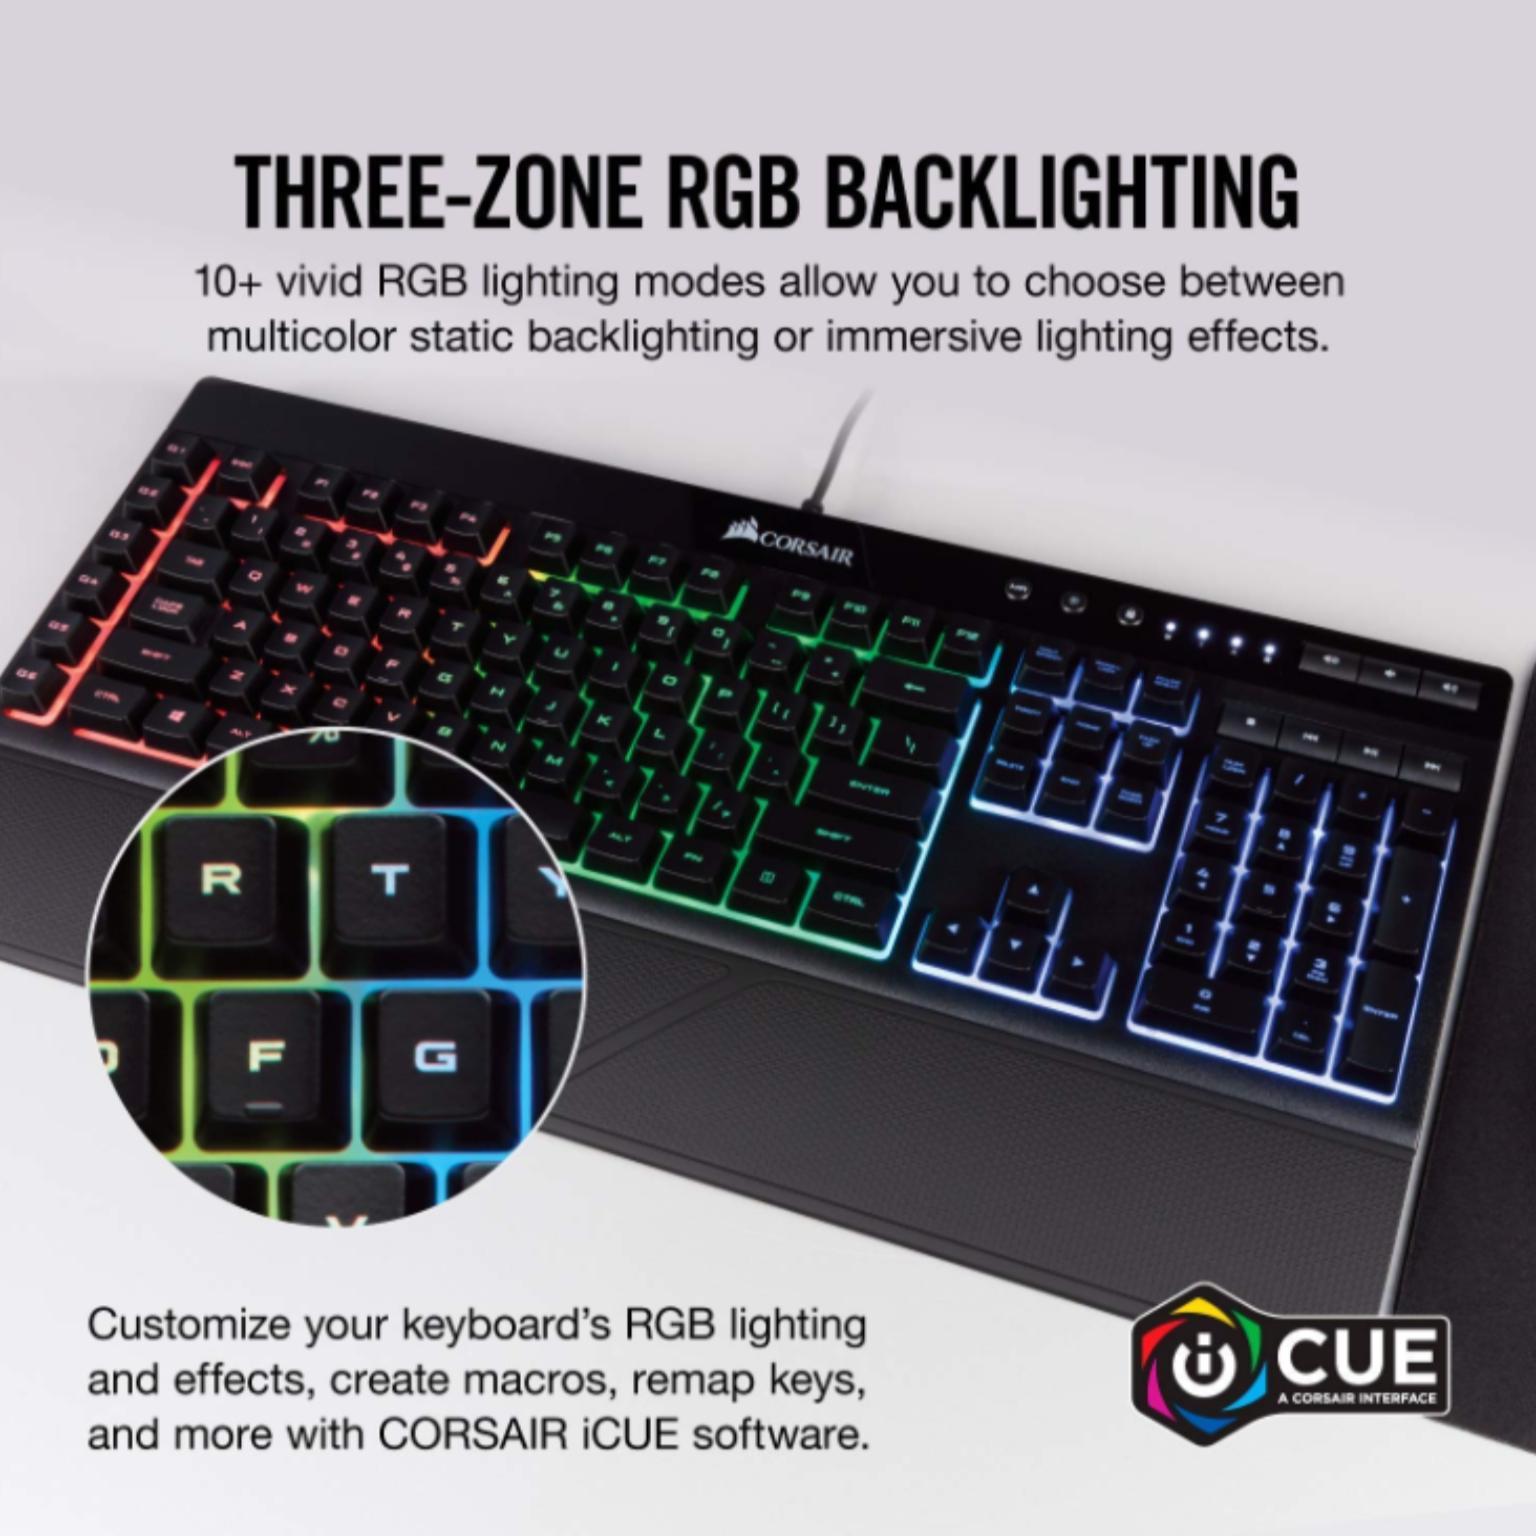 Bedraad gaming toetsenbord Corsair Merk: Corsair K55 RGB